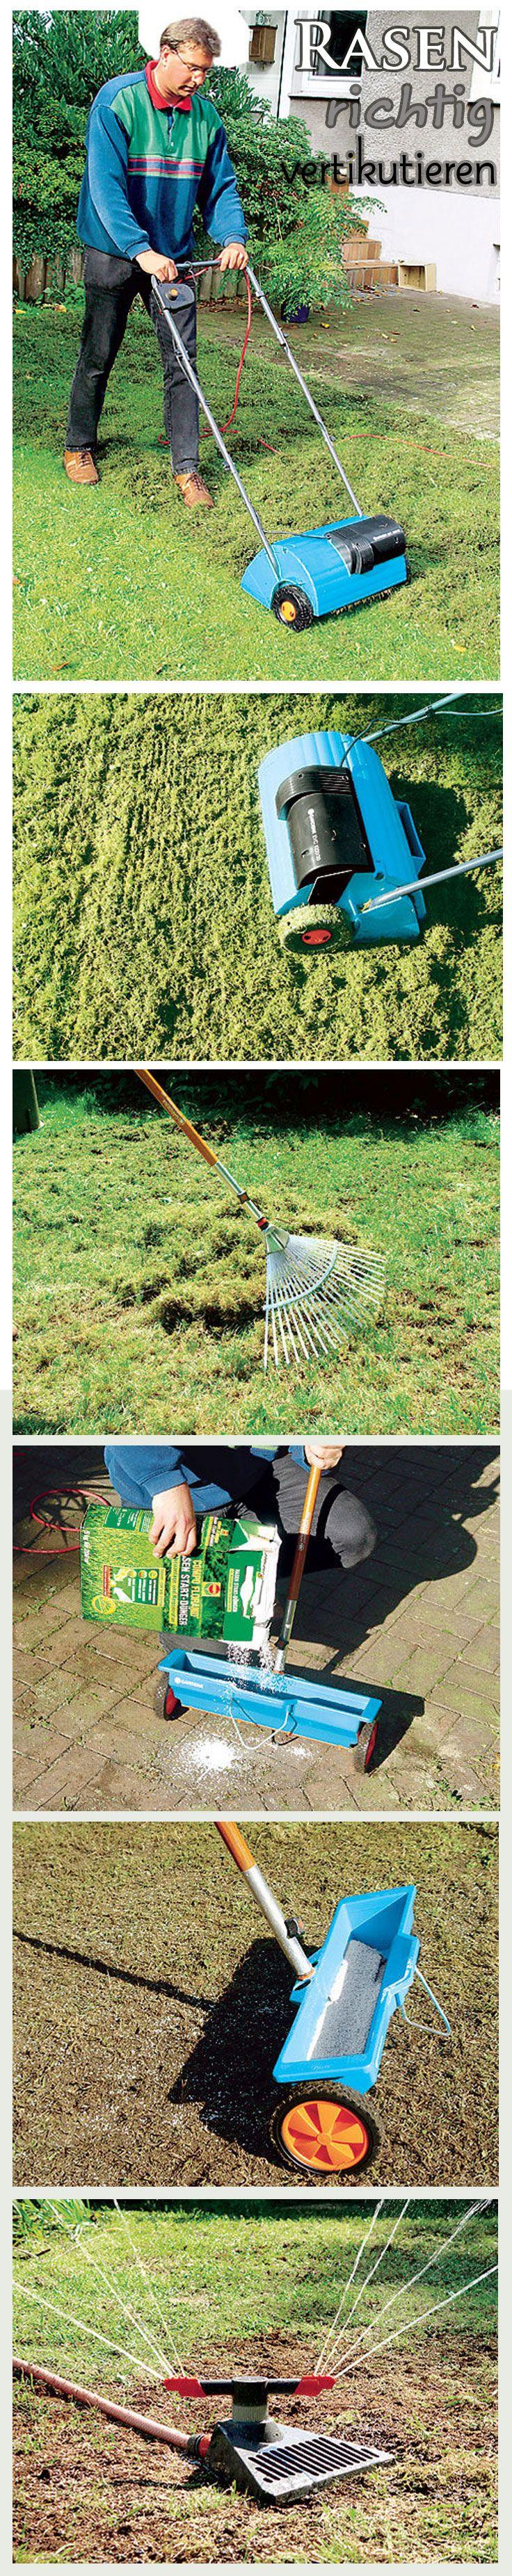 Nur den Rasen zu mähen reicht nicht: Ab und an sollte man den Rasen auch vertikutieren. Vor allem im Frühjahr ist das hilfreich, um den Rasen besser durchzulüften. So kann er stärker nachwachsen. Wir zeigen, wie man den Rasen richtig vertikutiert.